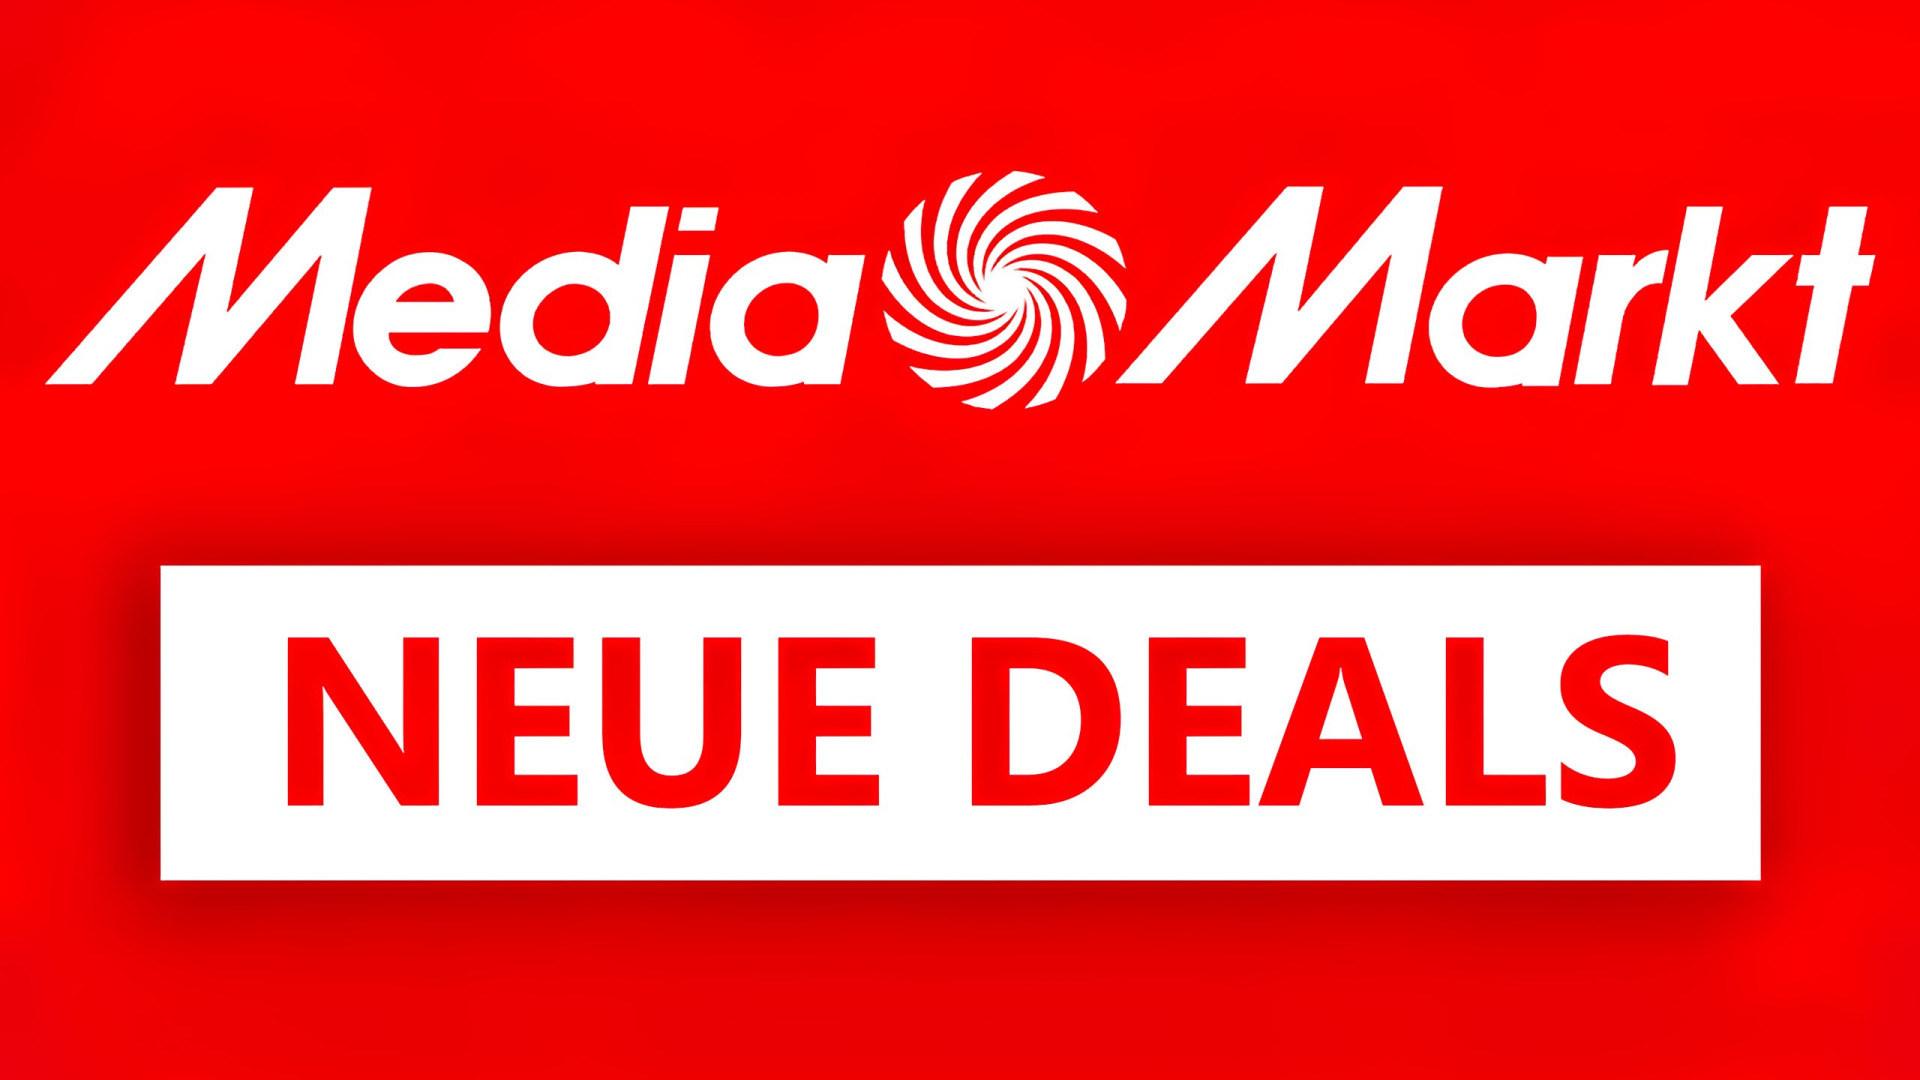 Schnäppchen, Sonderangebote, Rabattaktion, sale, Deals, Media Markt, prospekt